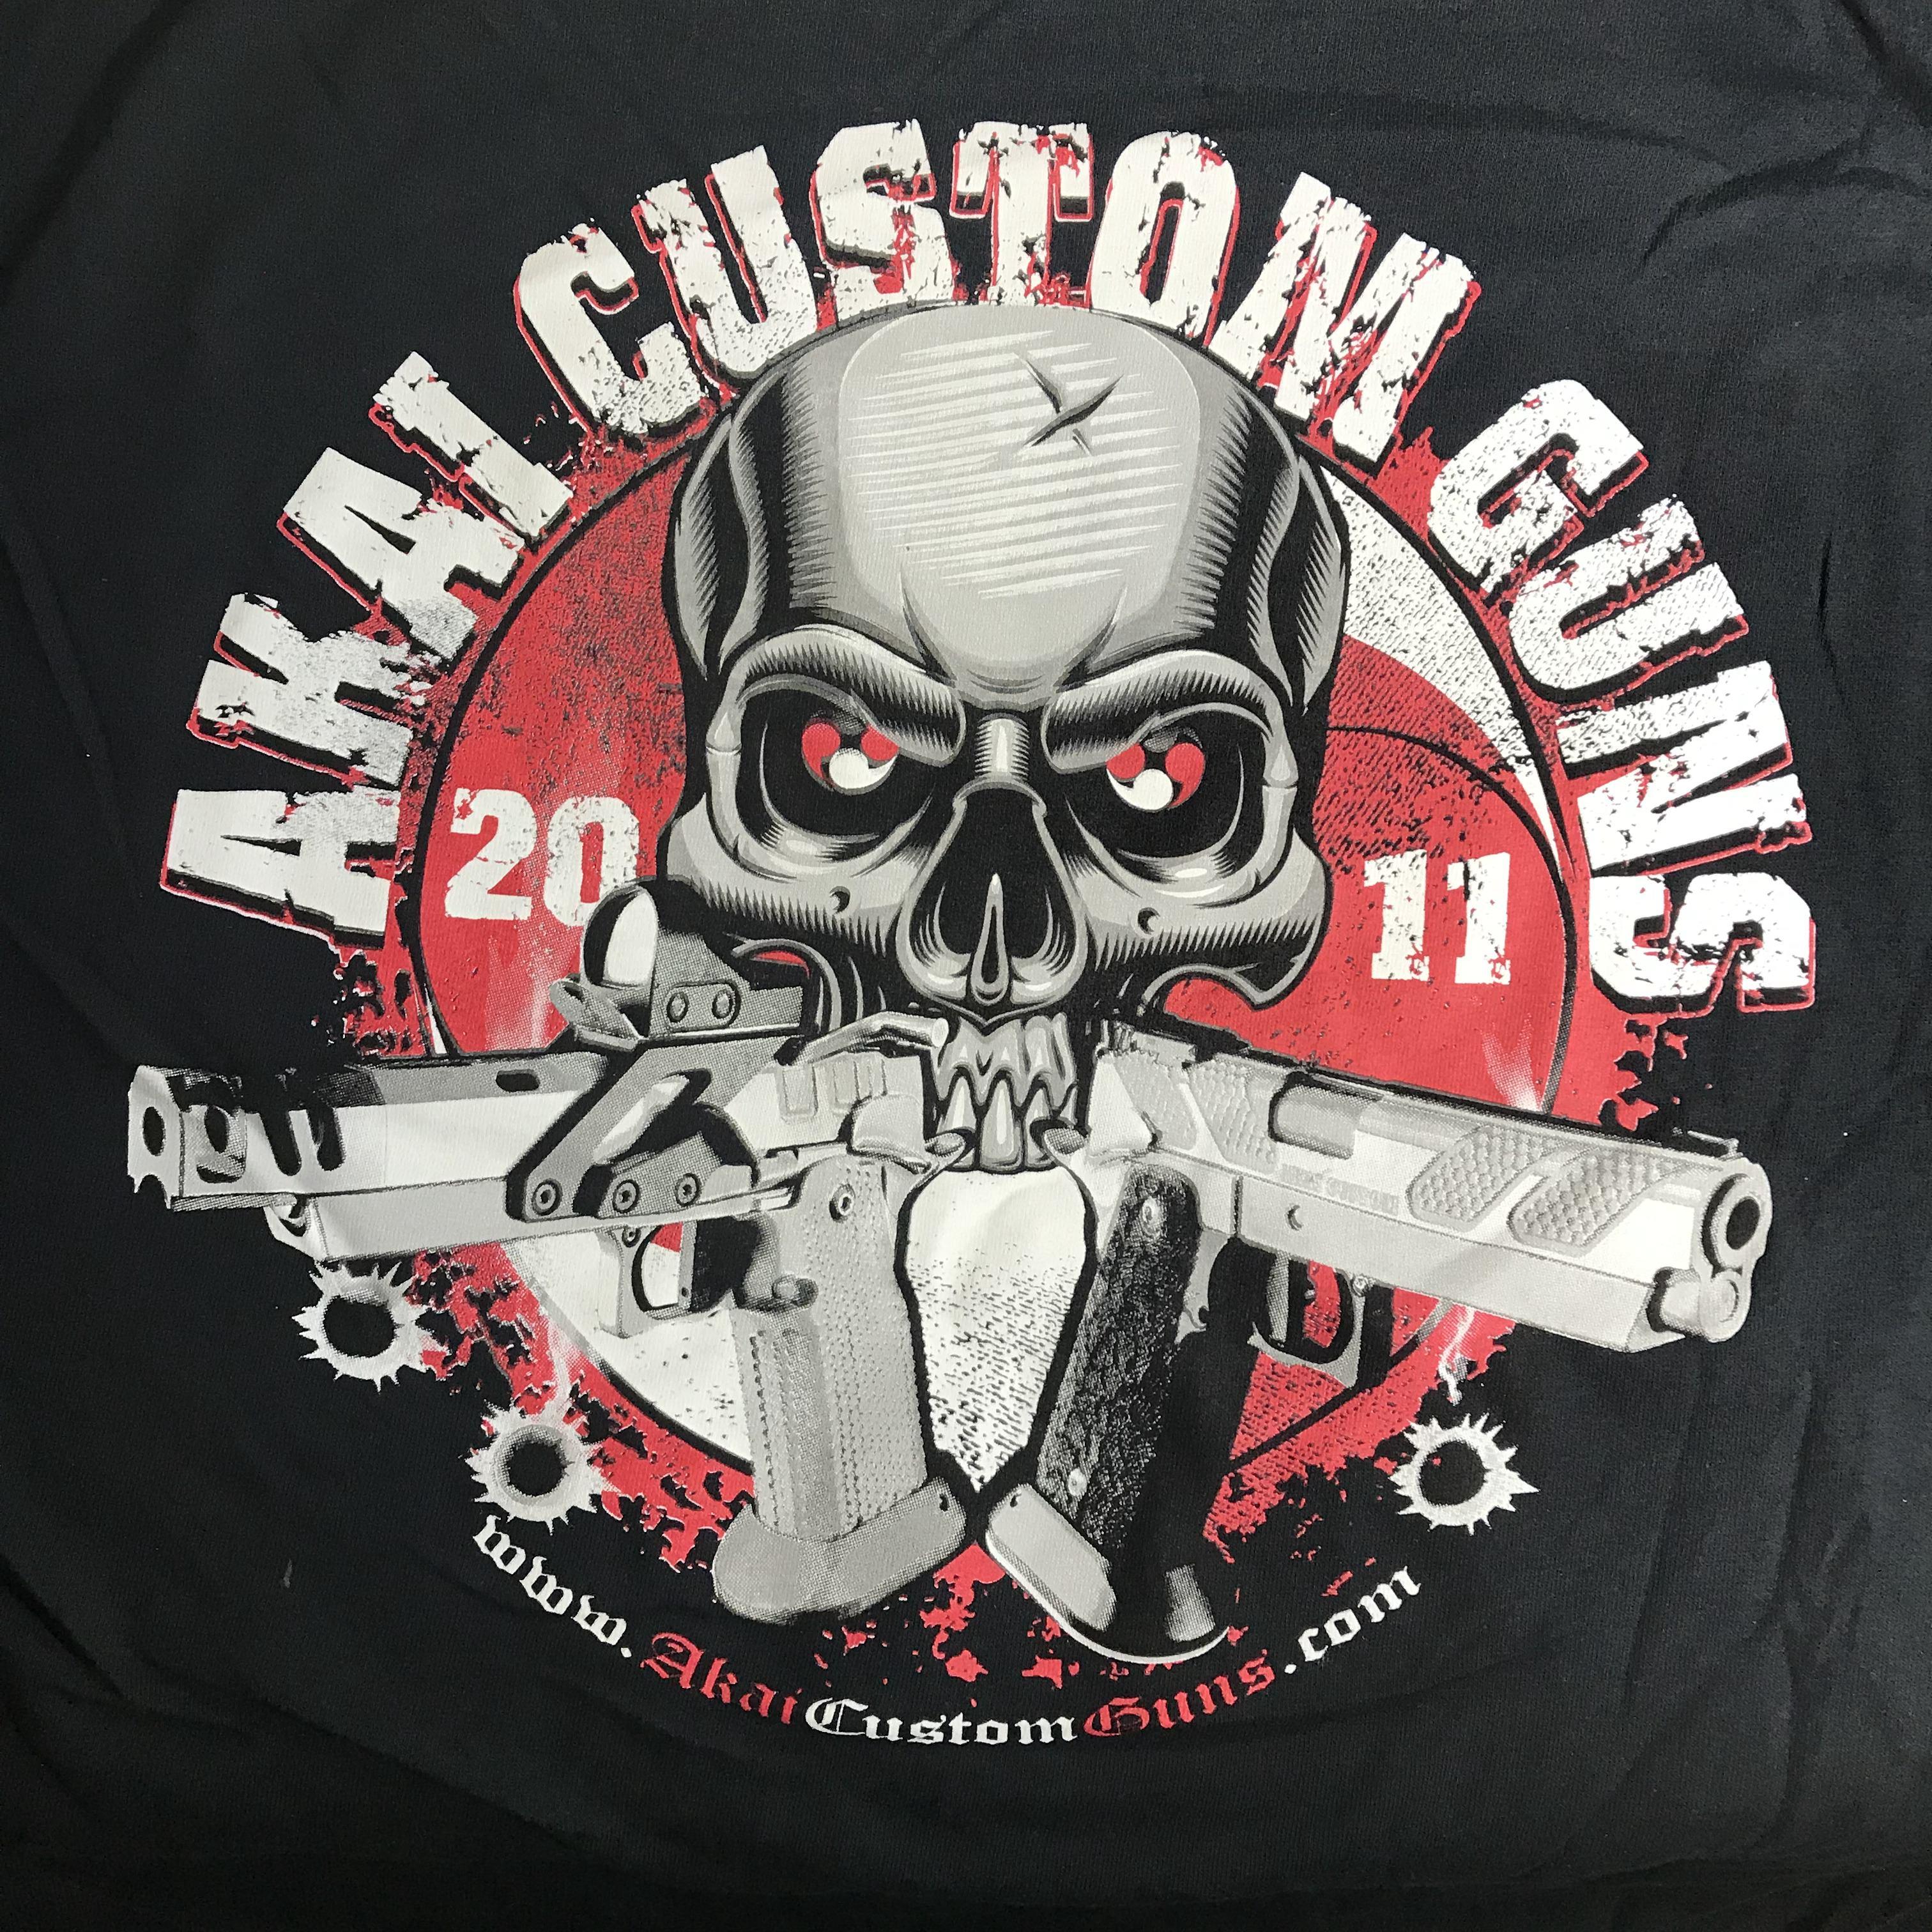 AKAI - T-SHIRT - SKULL & CROSSED GUNS